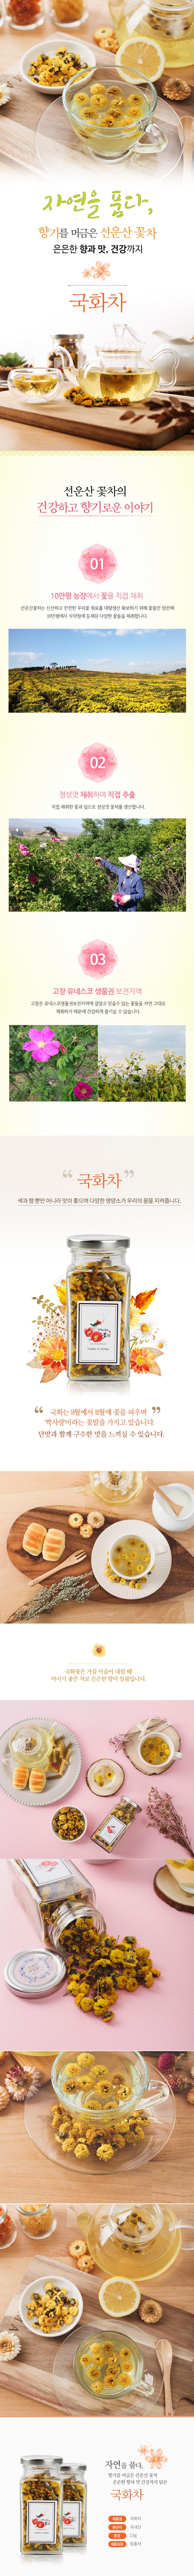 국화꽃차13g - 선운산야생꽃차, 27,000원, 차, 우롱차/전통차/한방차